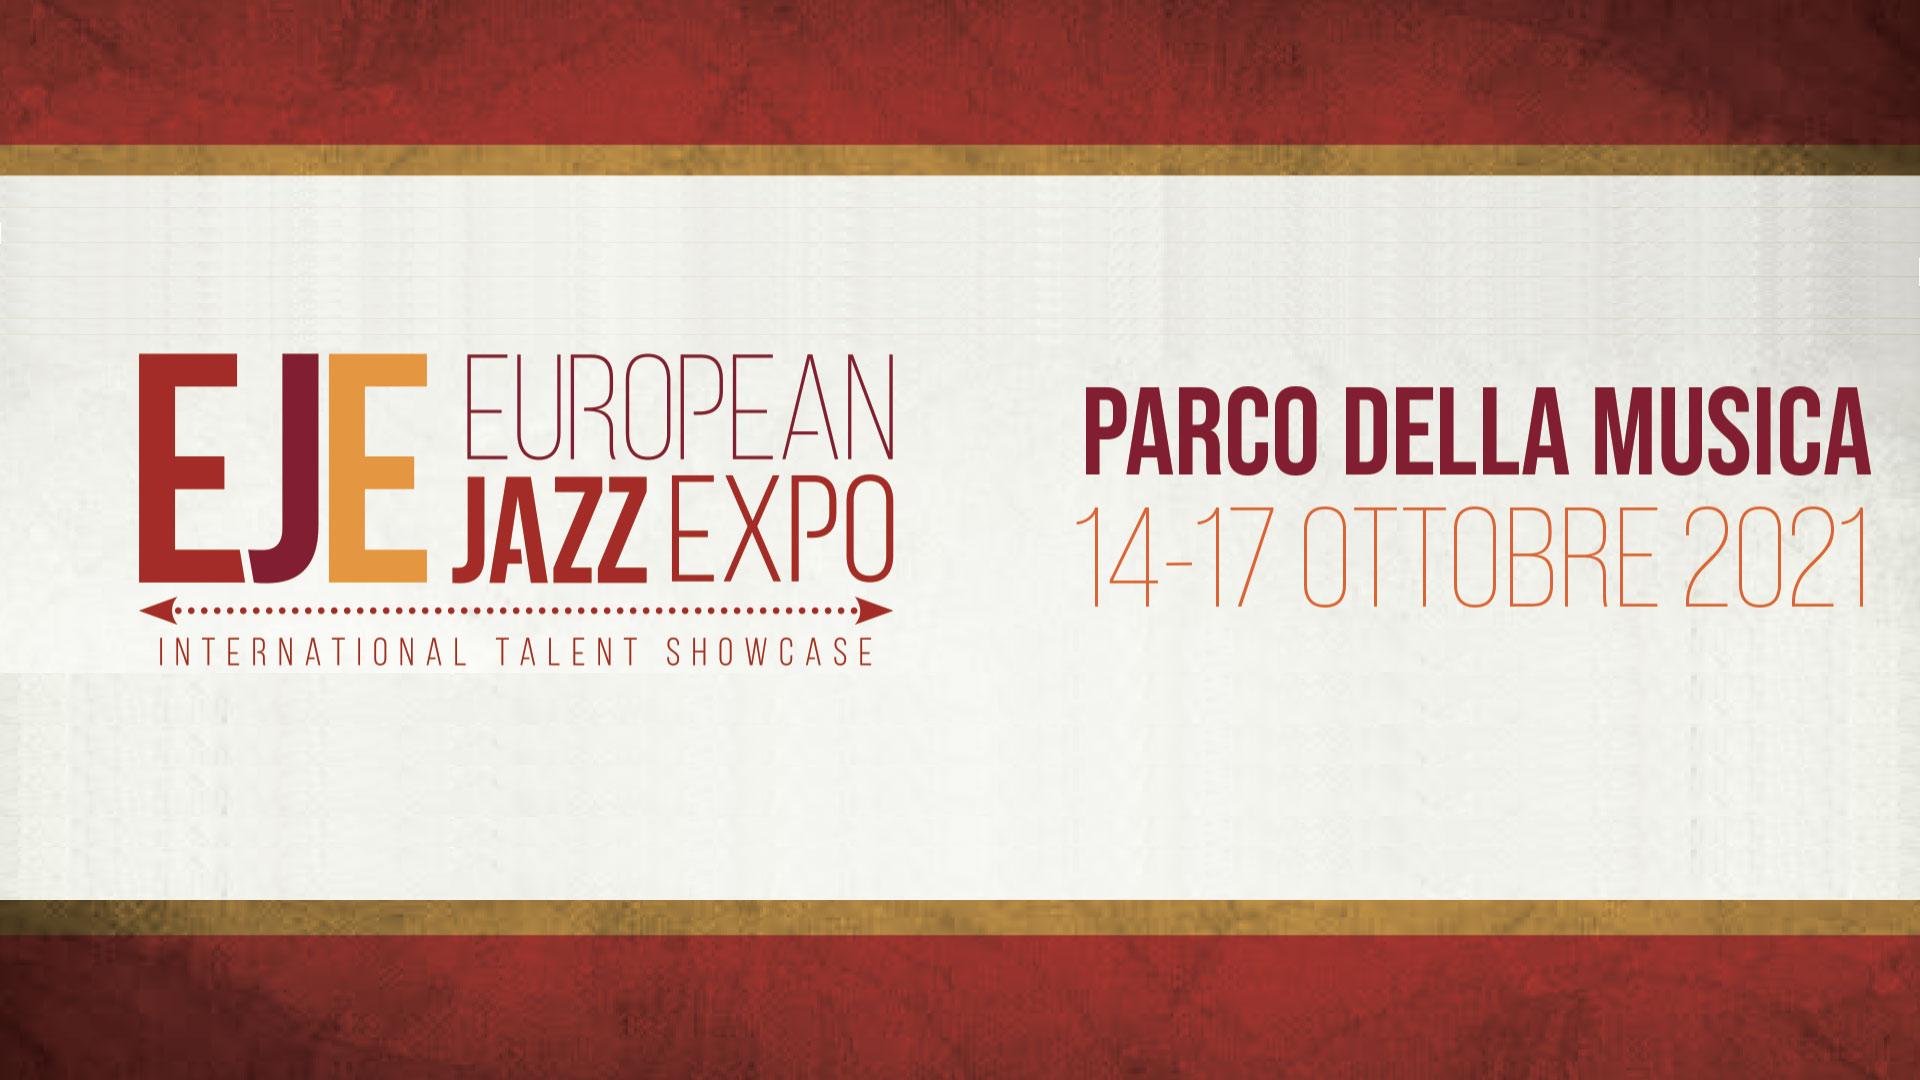 Abbonamenti del Festival Jazz in Sardegna - European Jazz Expo - 14-17 Ottobre Cagliari